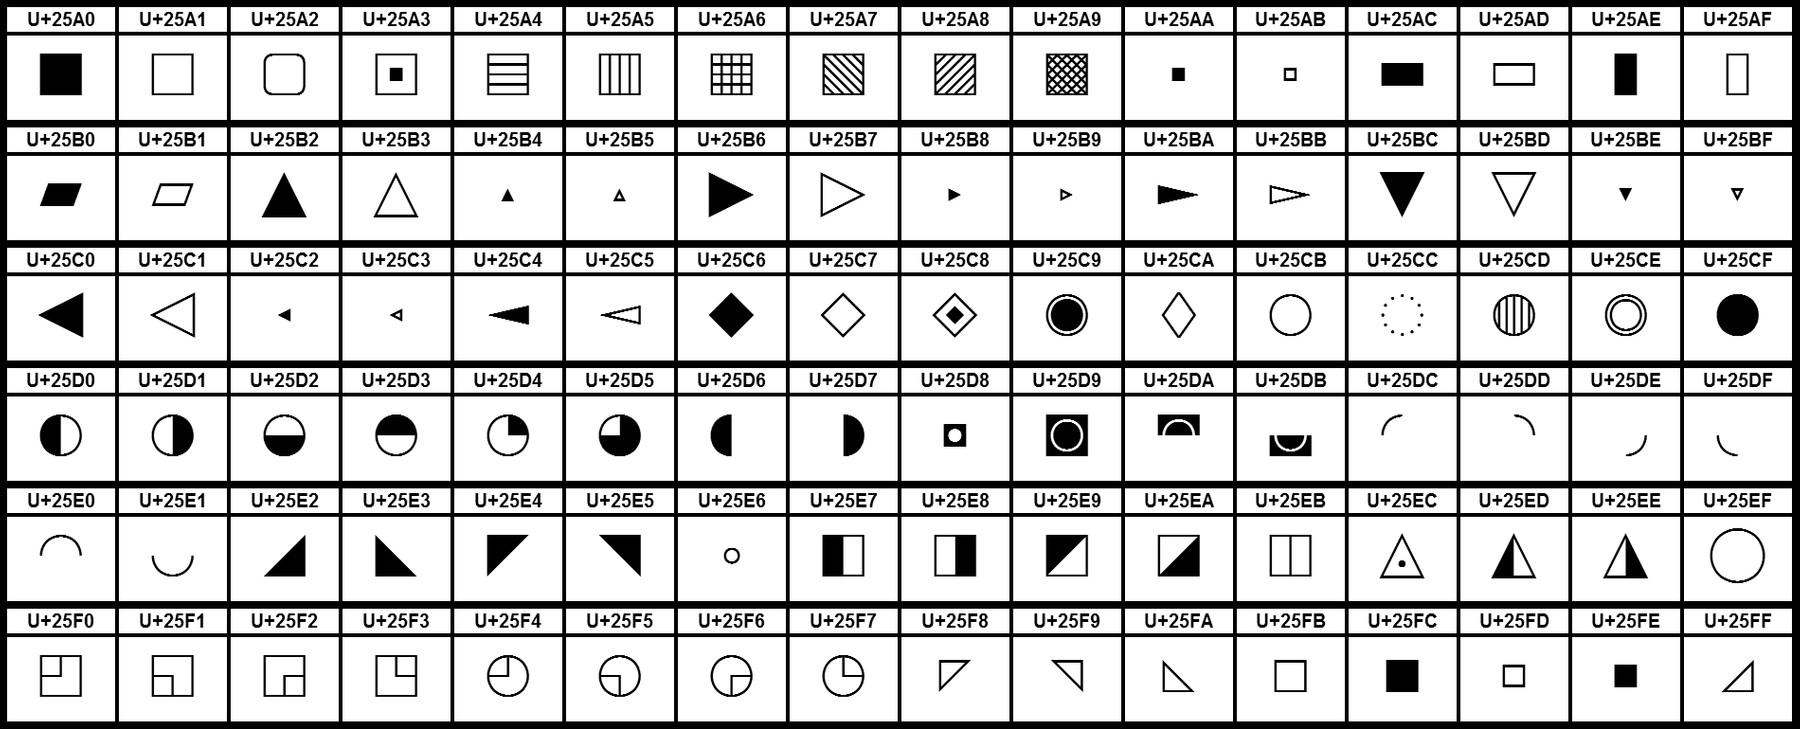 ucb_geometric_shapes.png